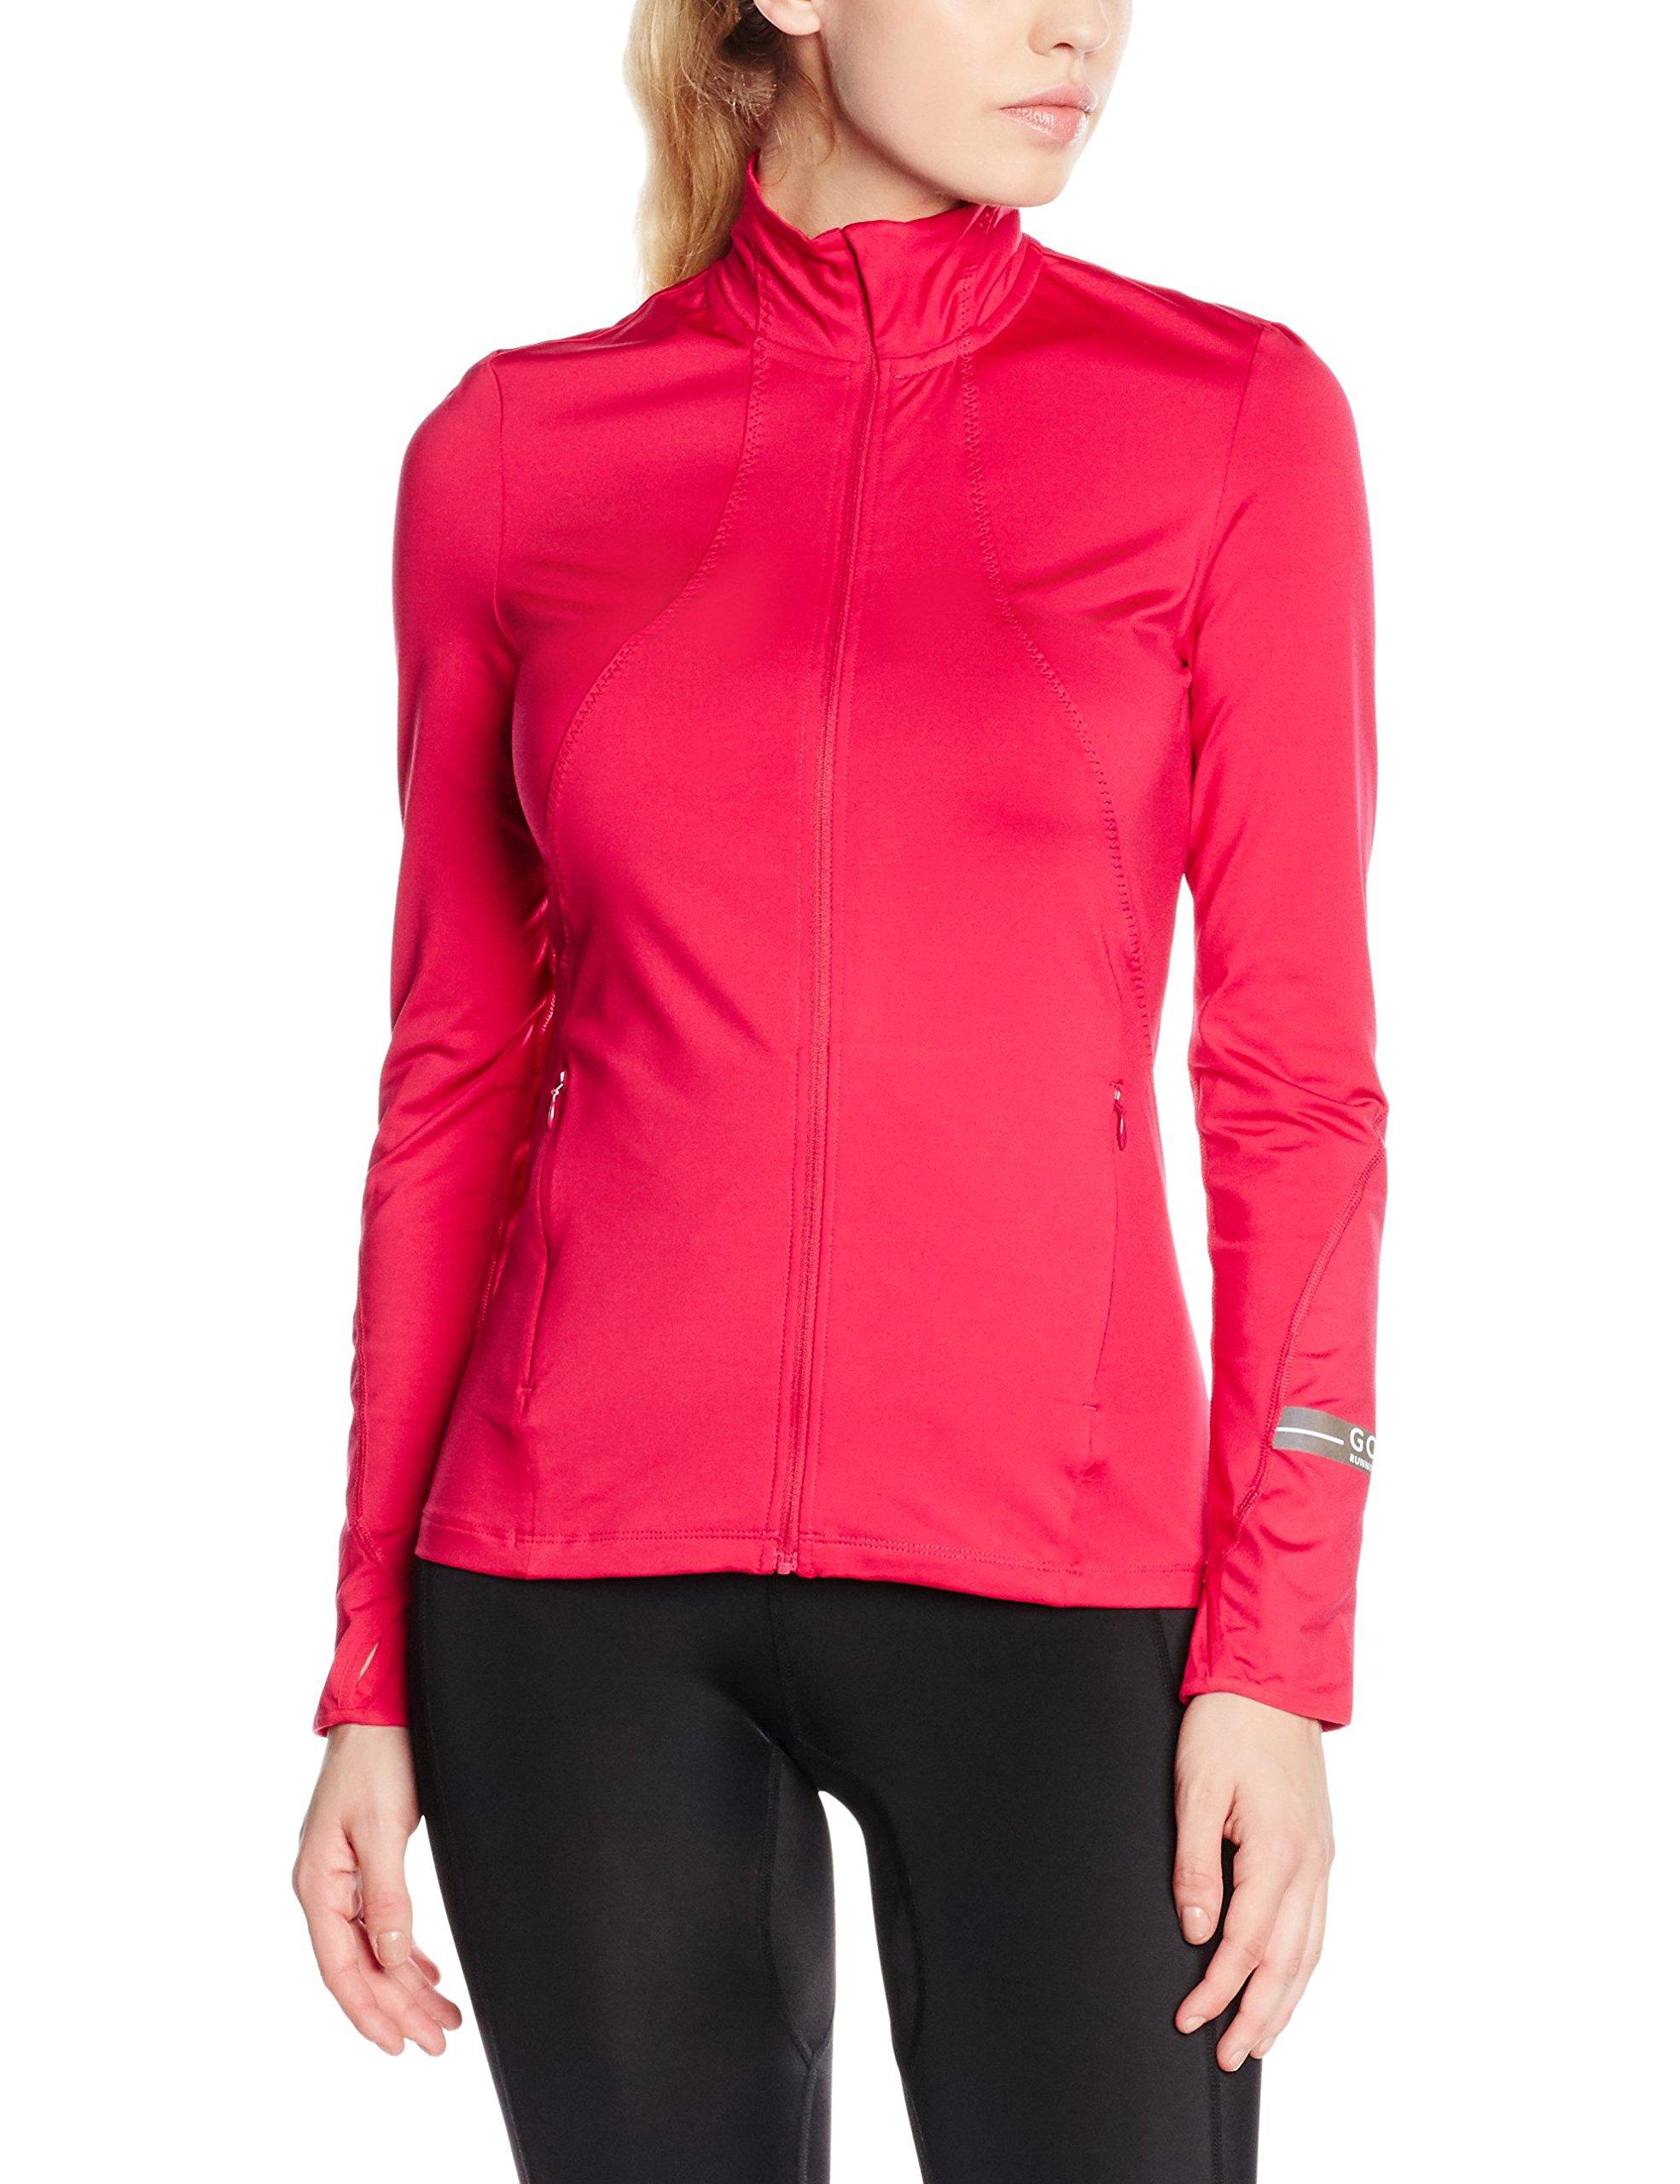 Модная Спортивная Женская Одежда Для Занятий Фитнесом в Спортзале ... 273b761d328